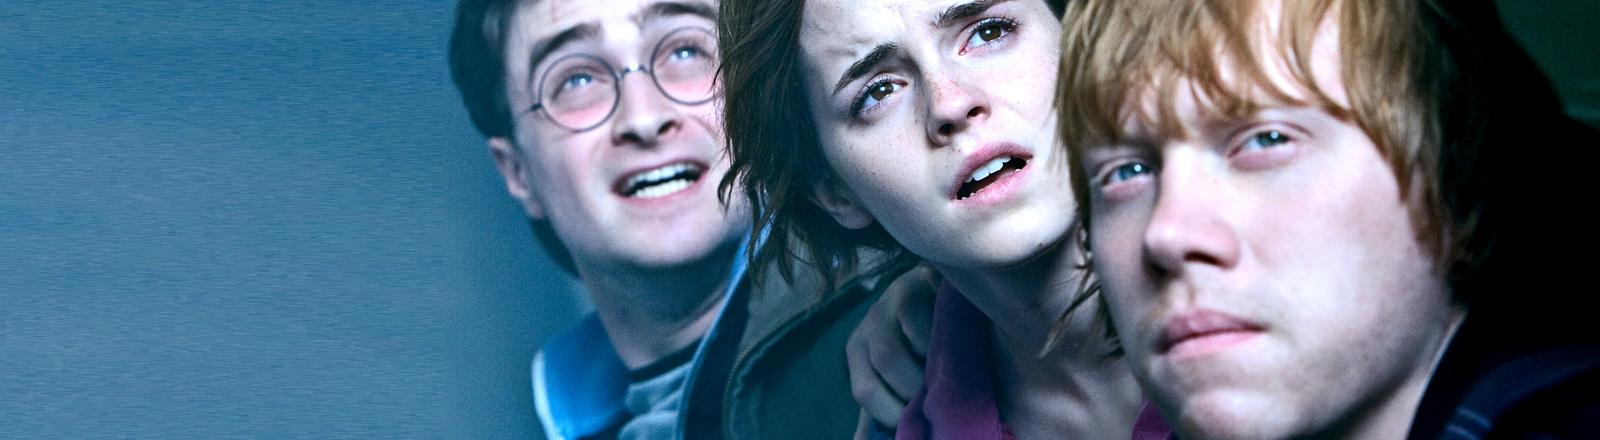 Die Harry-Potter-Helden Harry, Hermine und Ron.